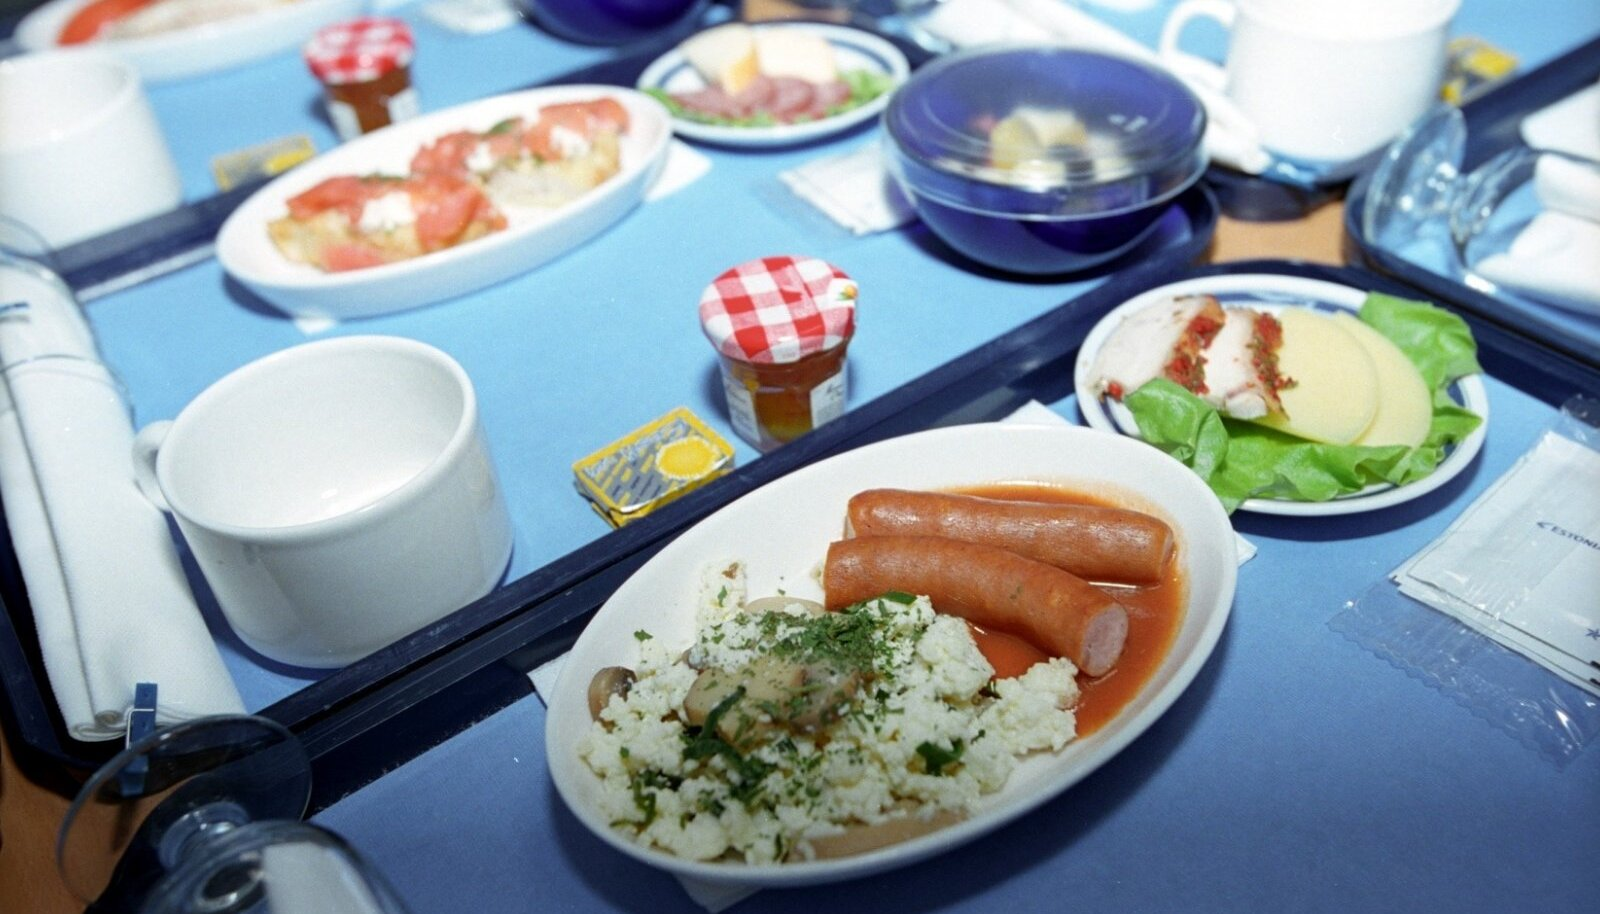 Kunagine Estonian Airi menüü.